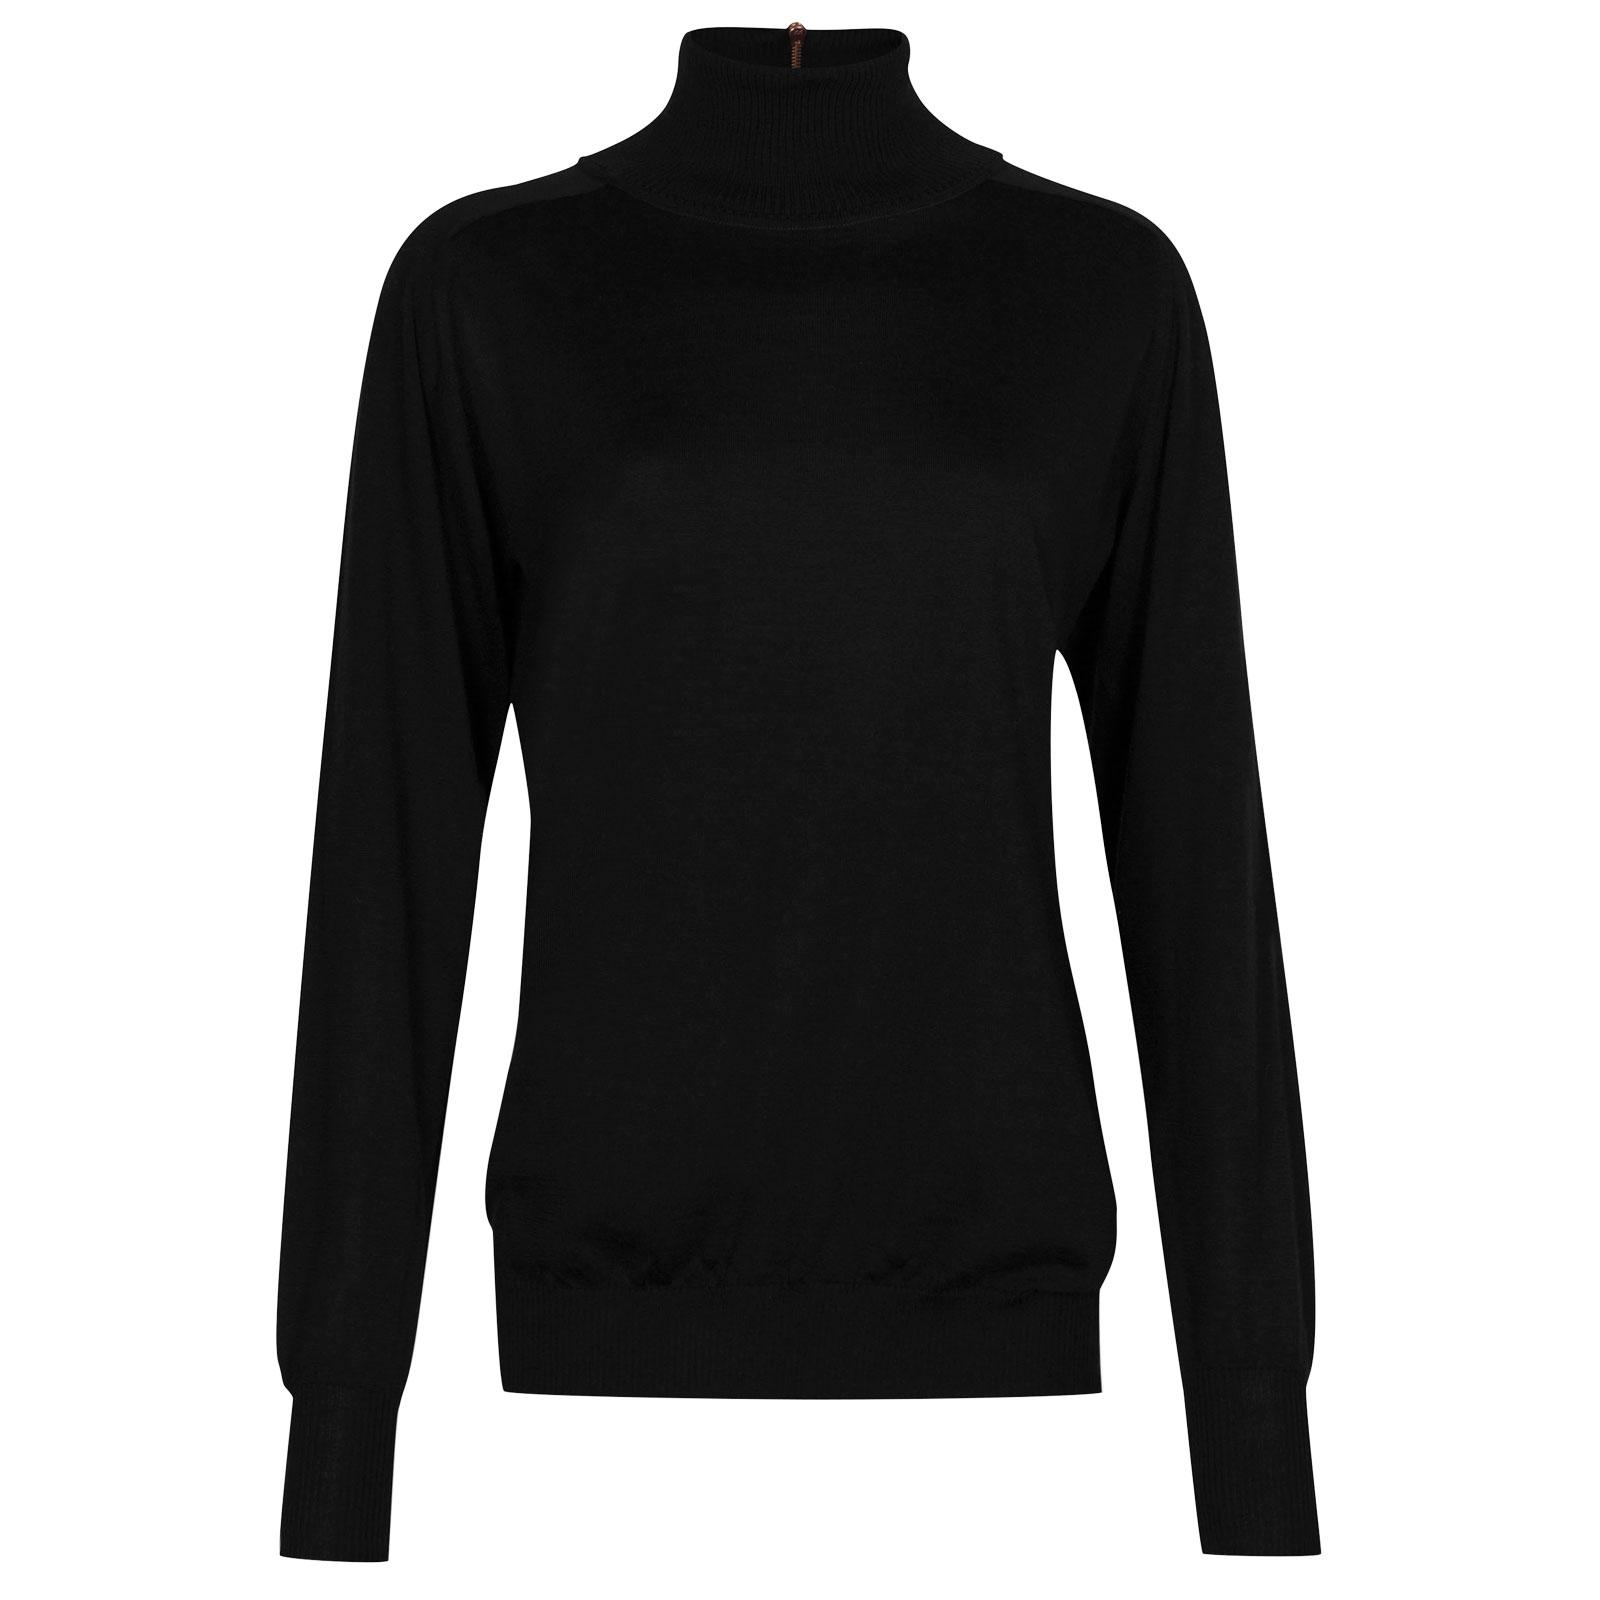 John Smedley Woolf in Black Sweater-xsm